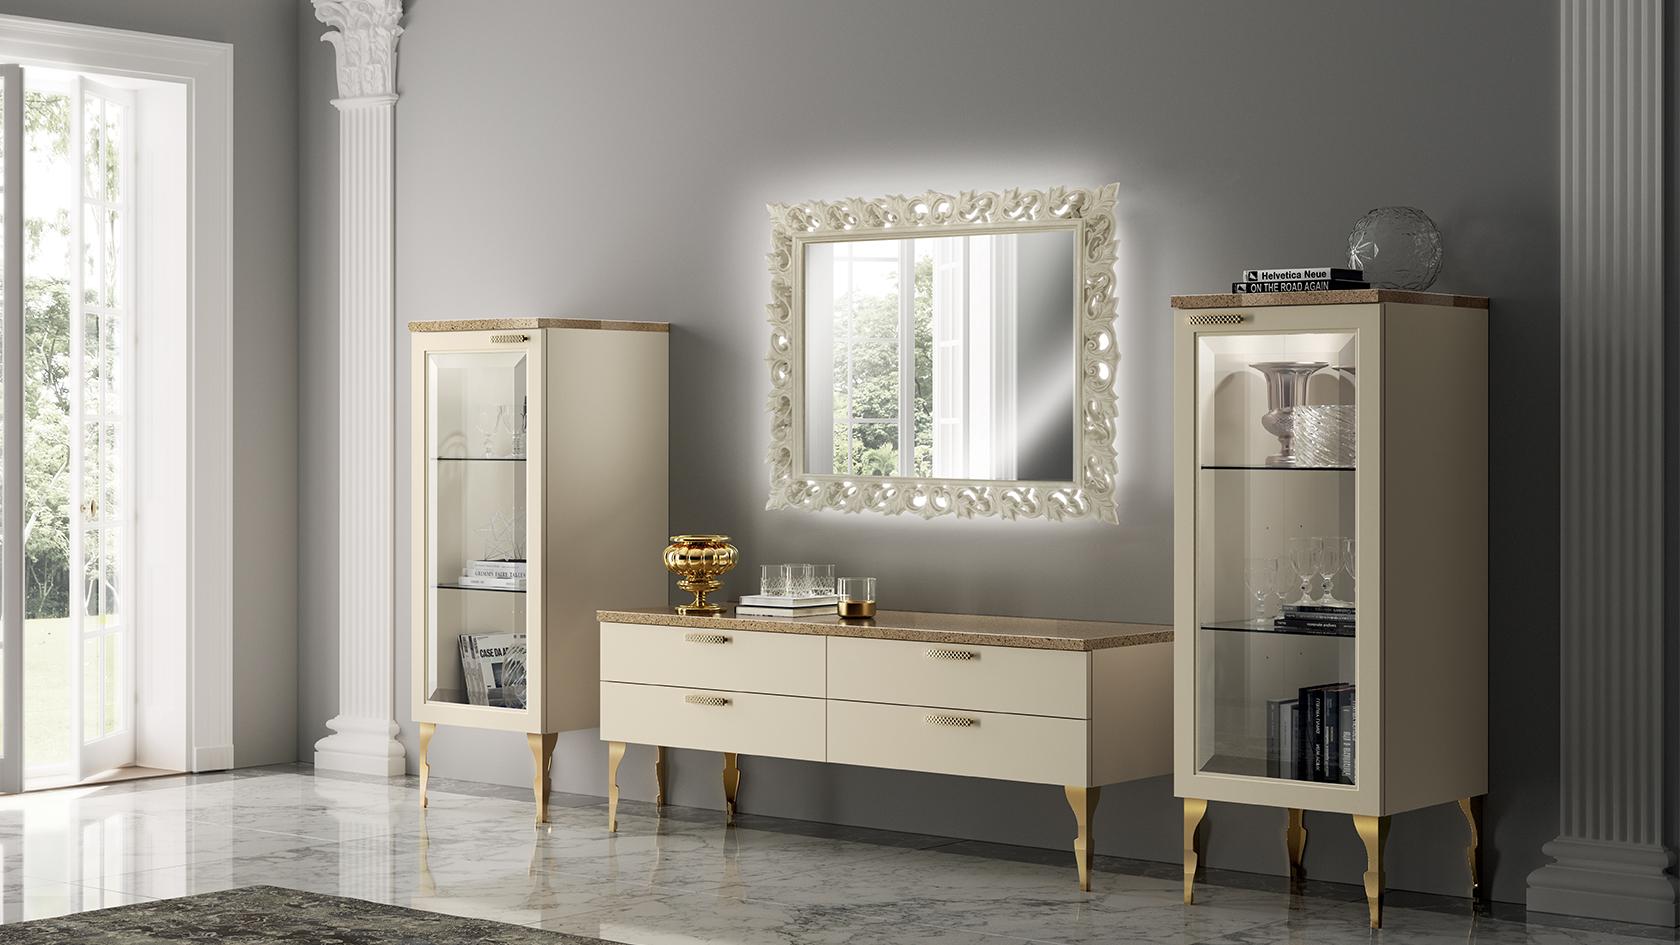 Albano mobili cucine classiche e moderne albano mobili for Mobili e arredi bilancio